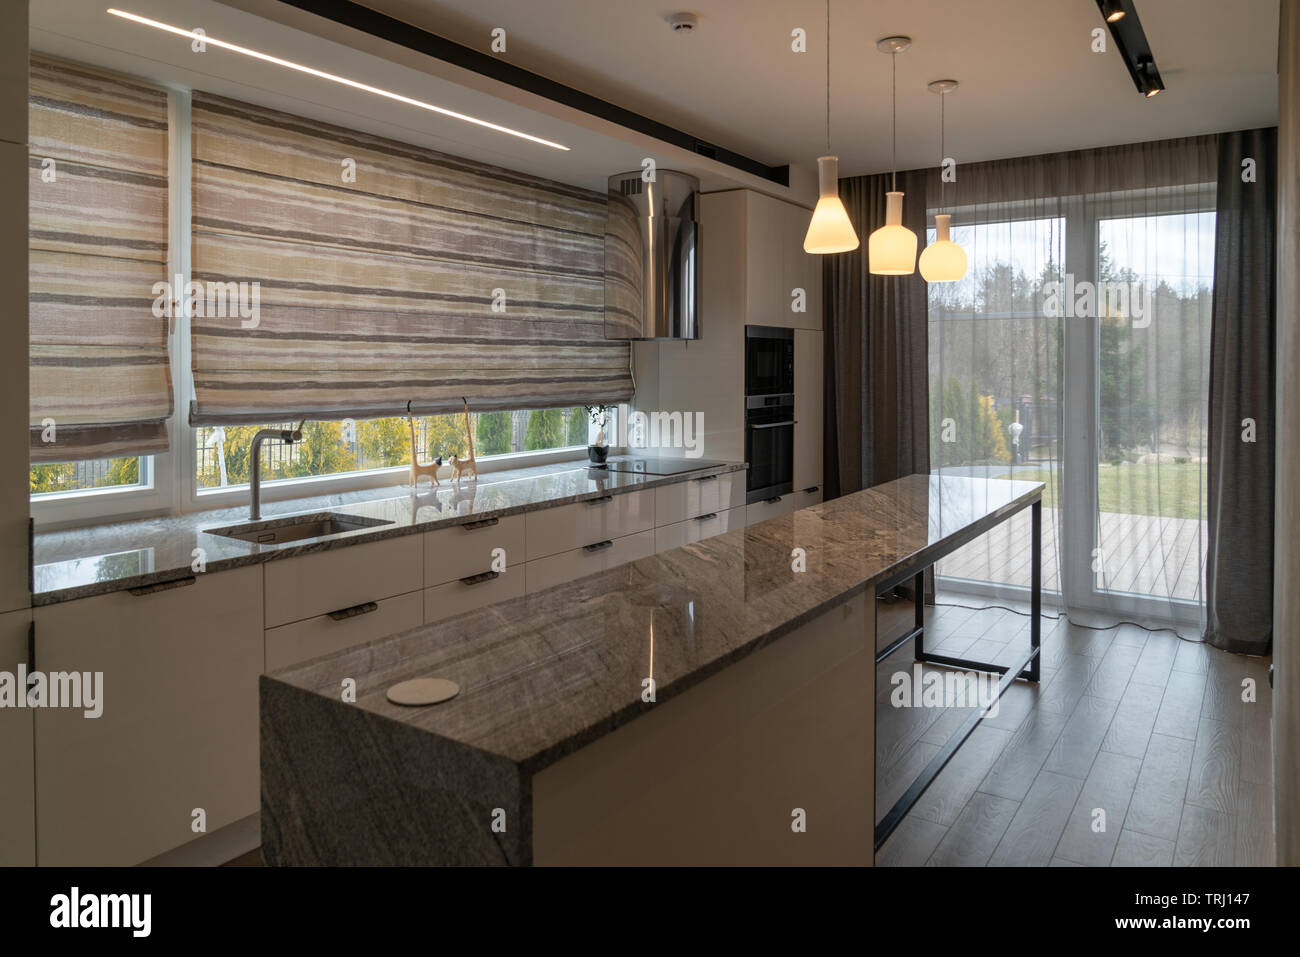 Hermosa cocina moderna con muebles para el hogar en casas de ...